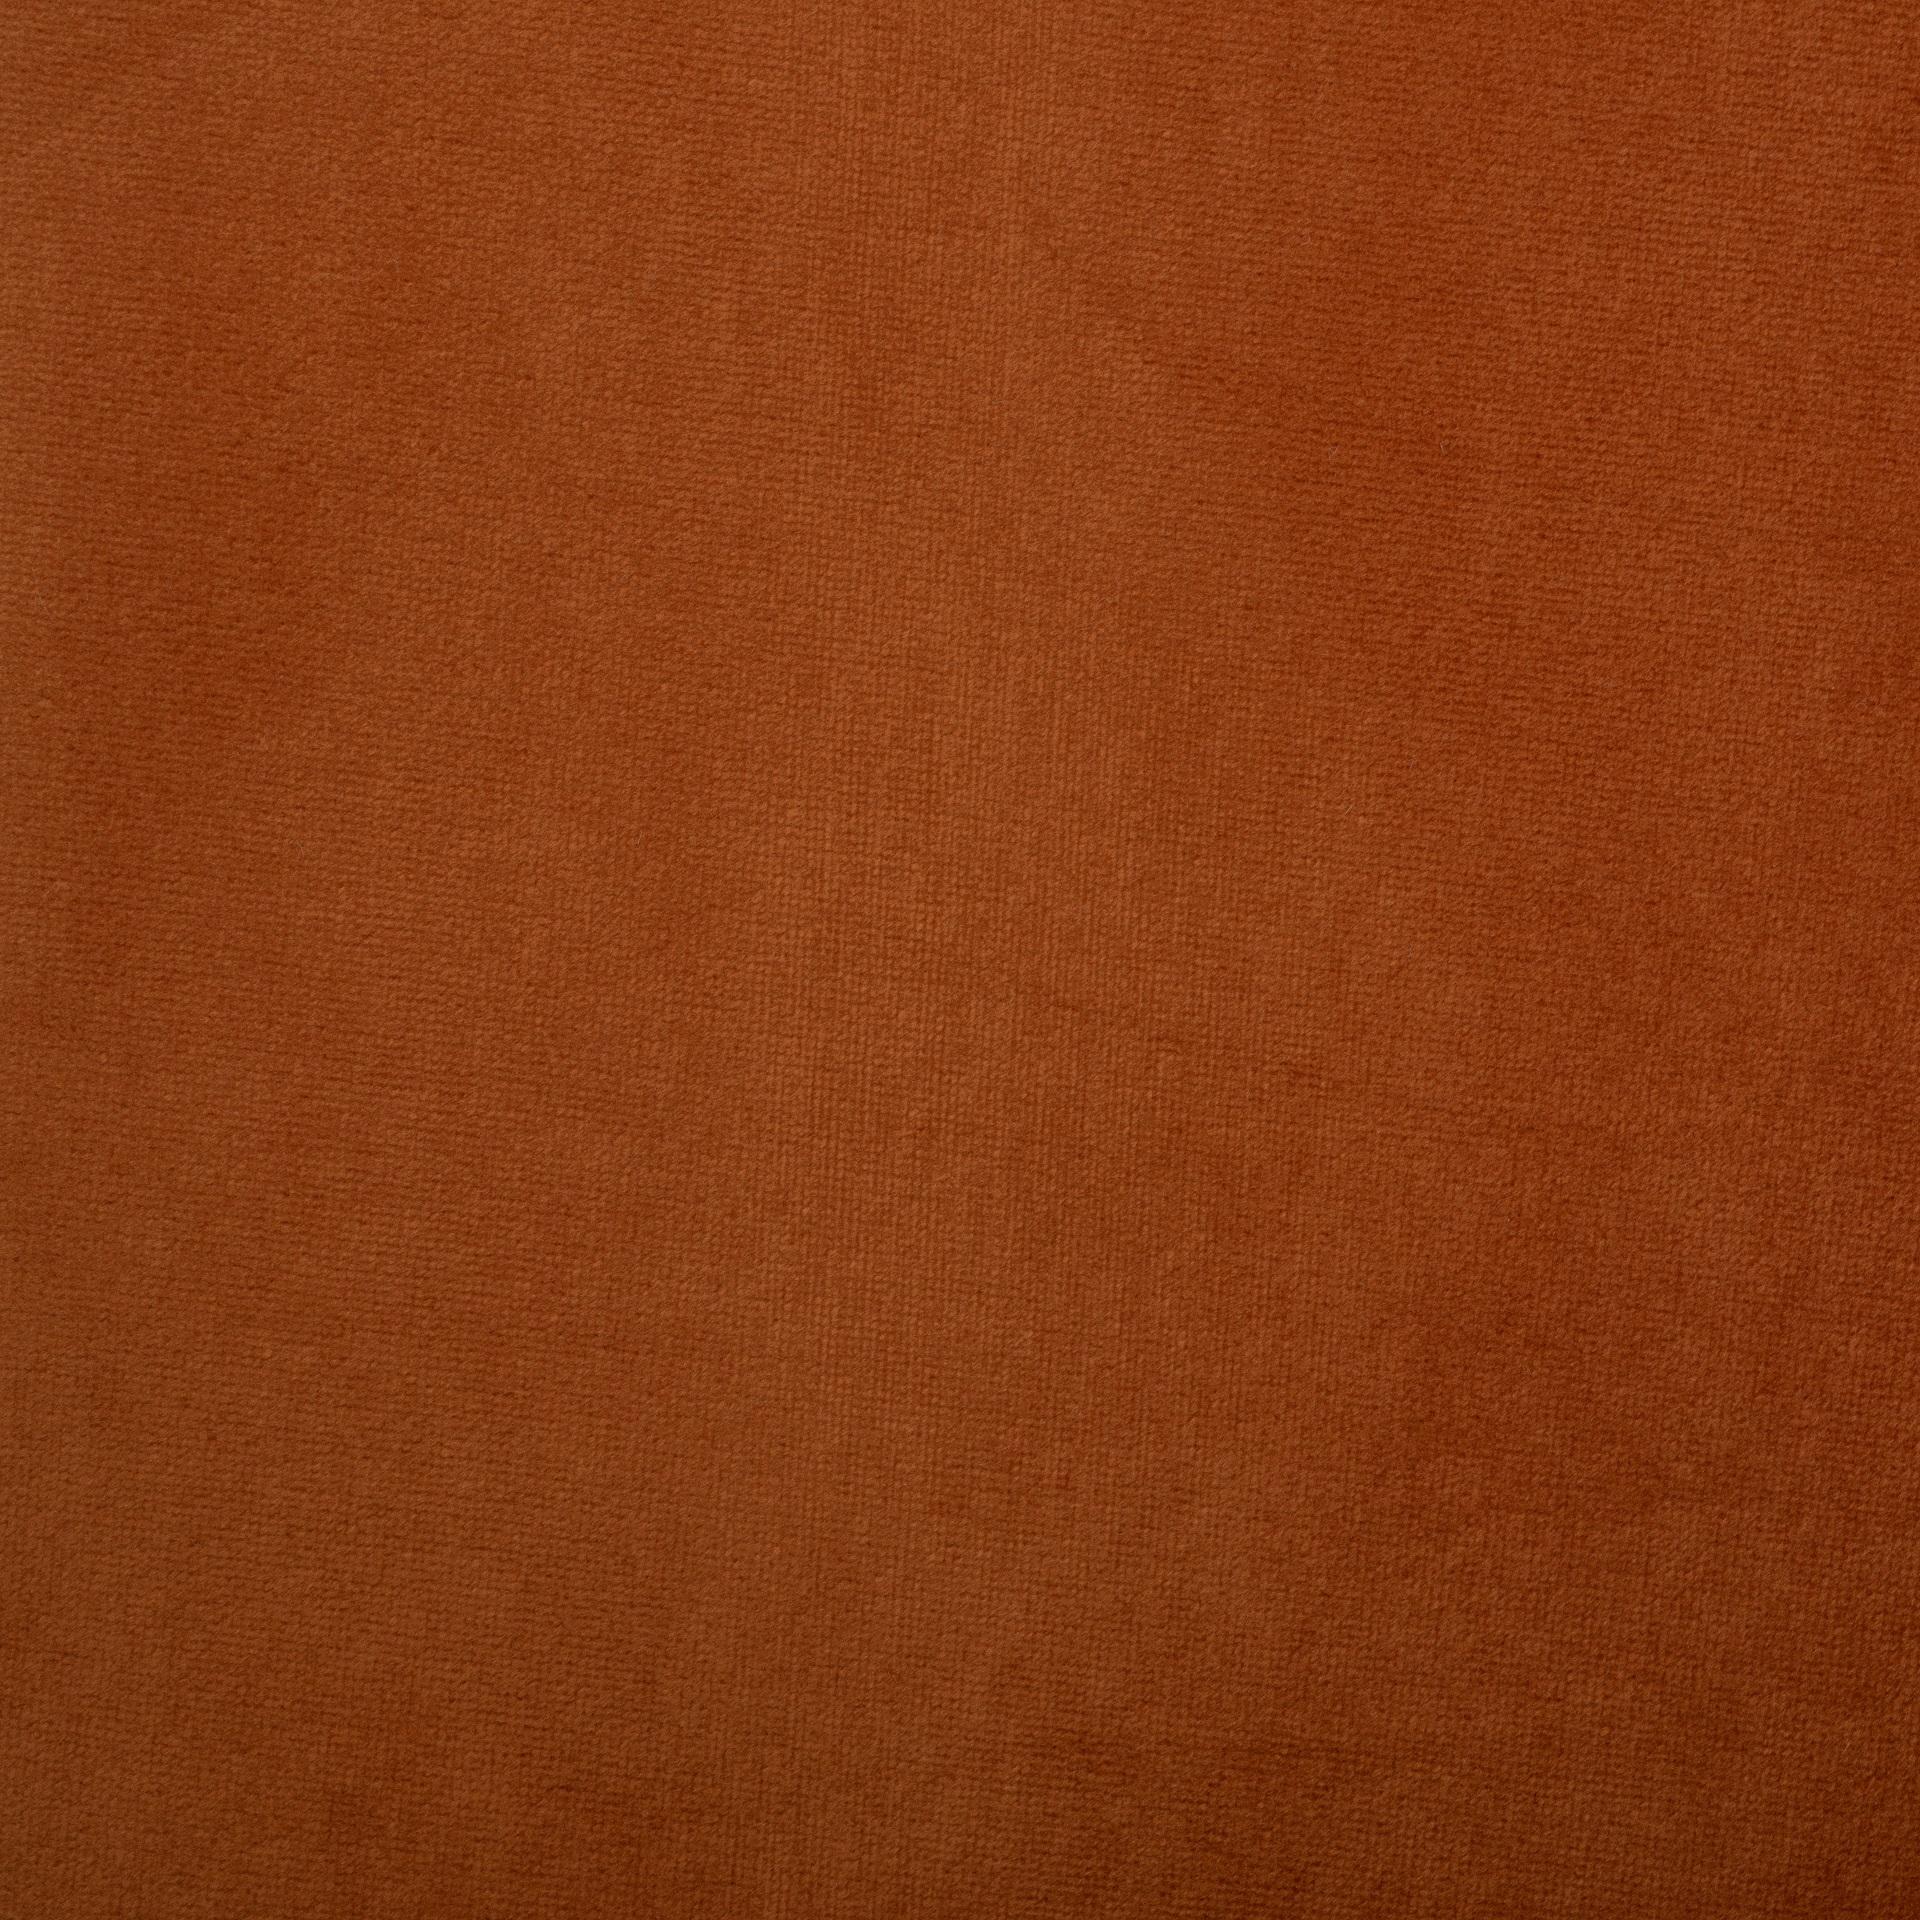 Коллекция ткани Багира 39 ORANGE OCHRE,  купить ткань Велюр для мебели Украина